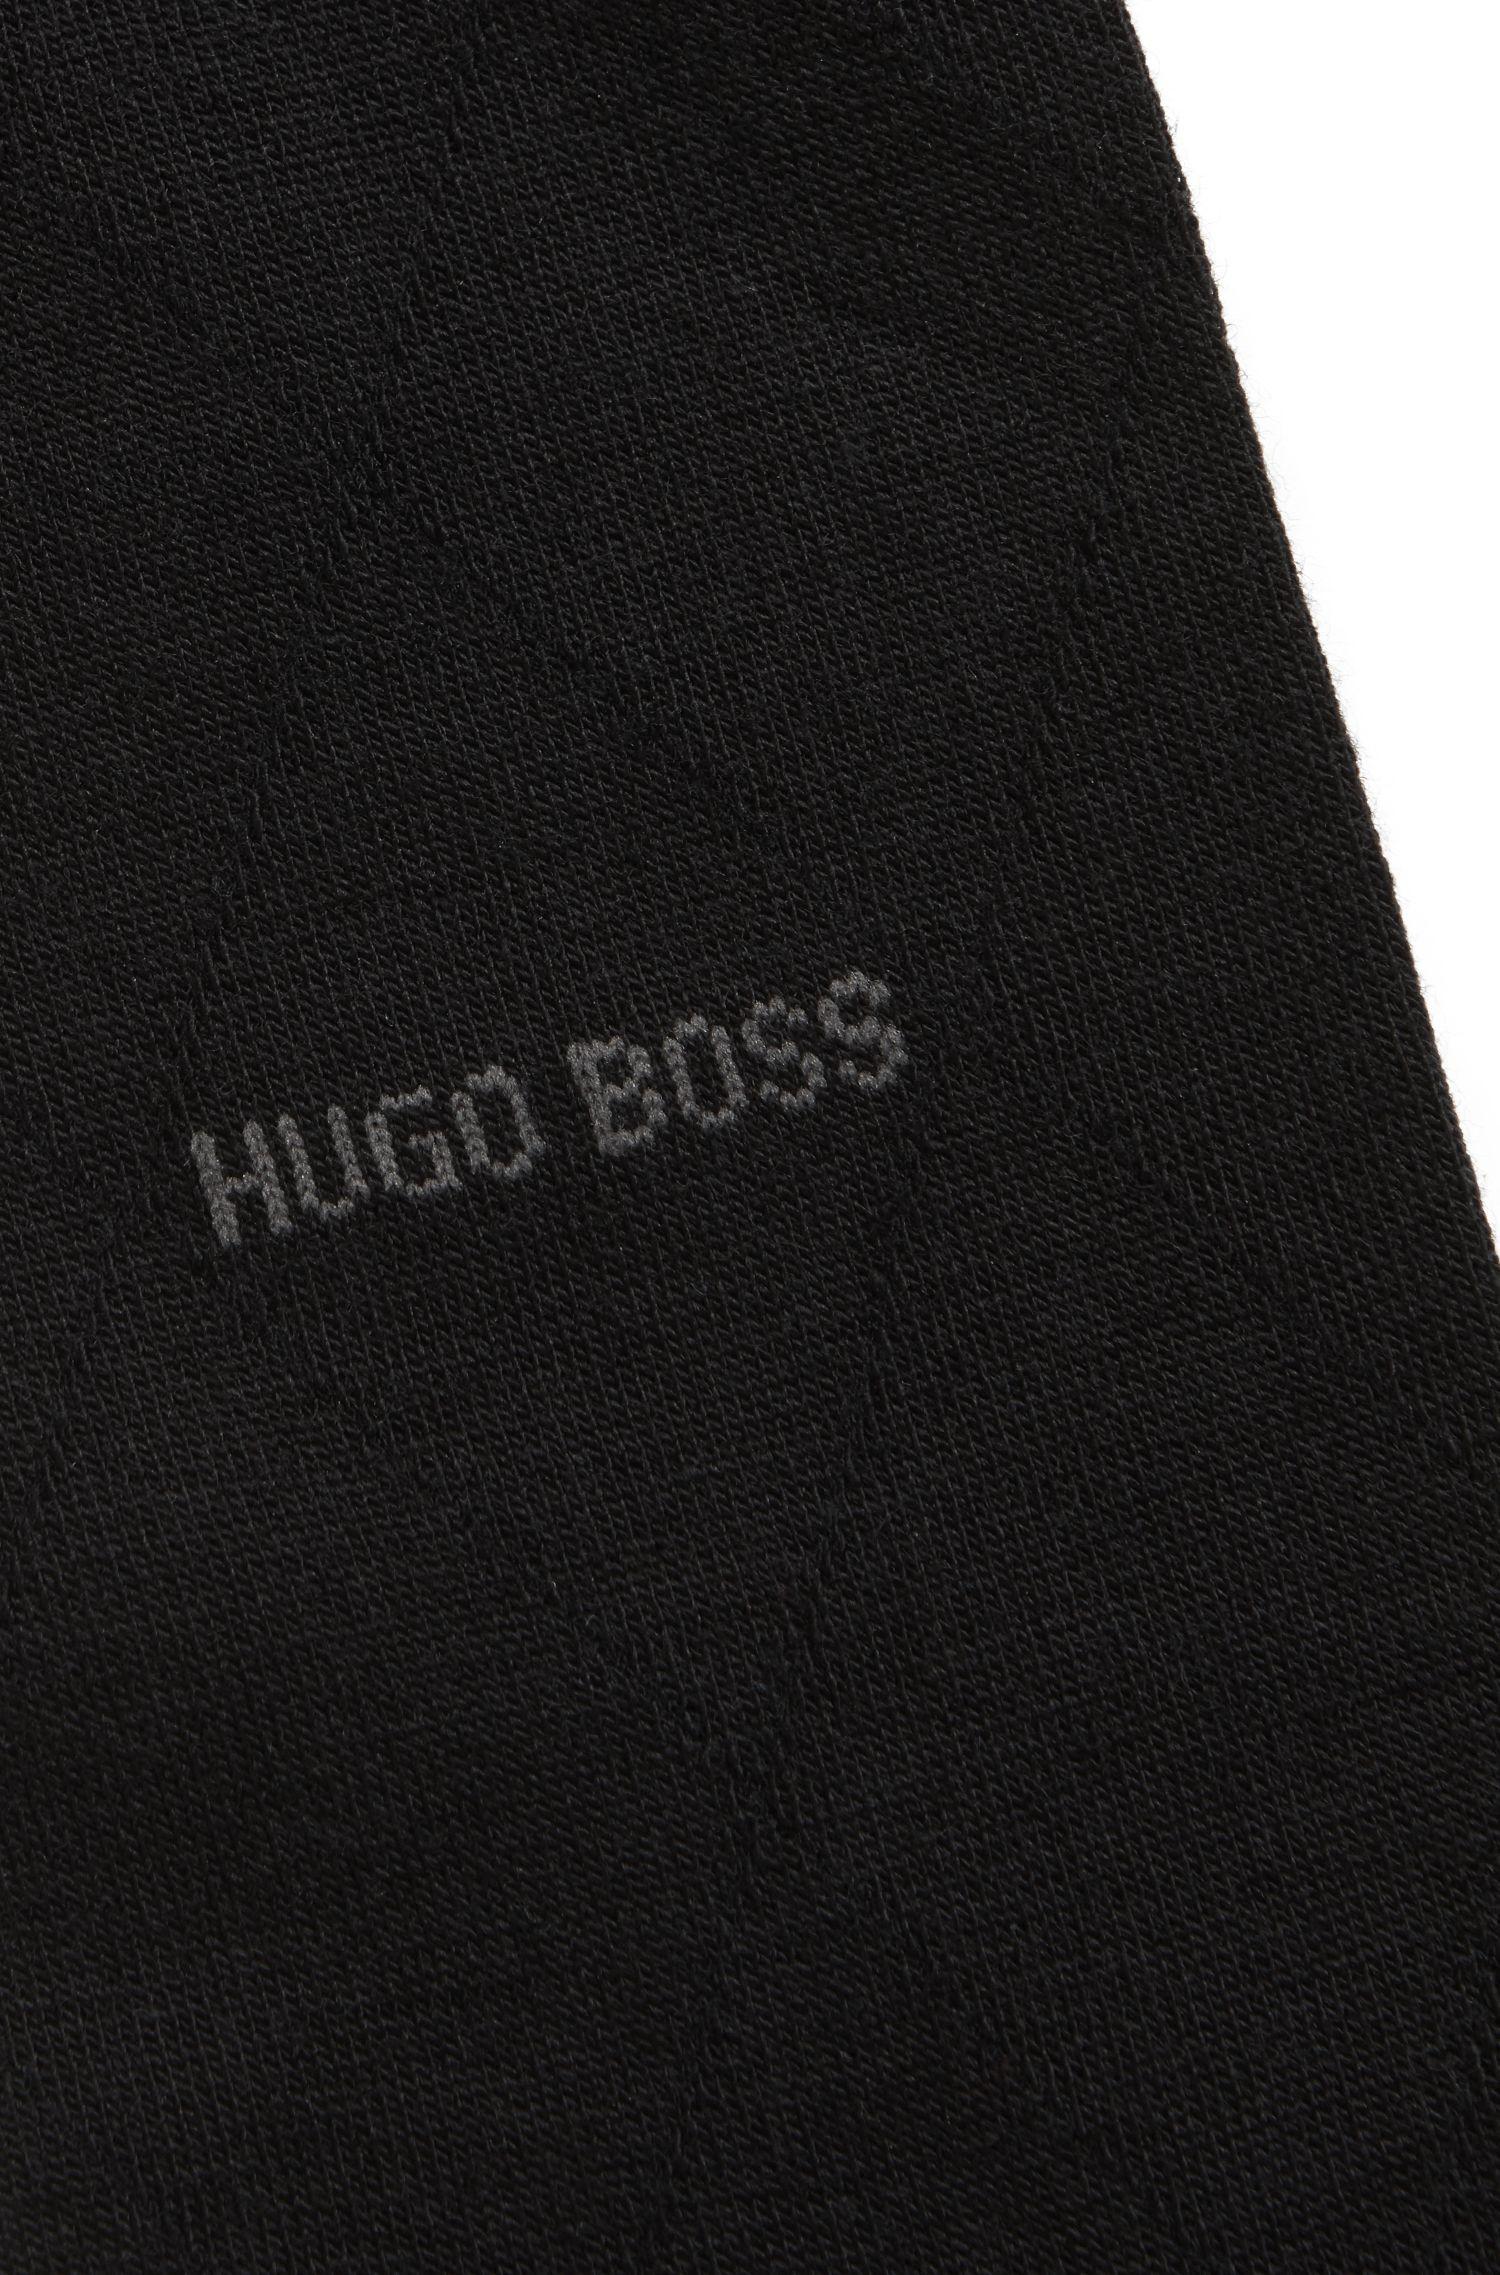 Calcetines de largo normal en mezcla de lana con logo en contraste, Negro